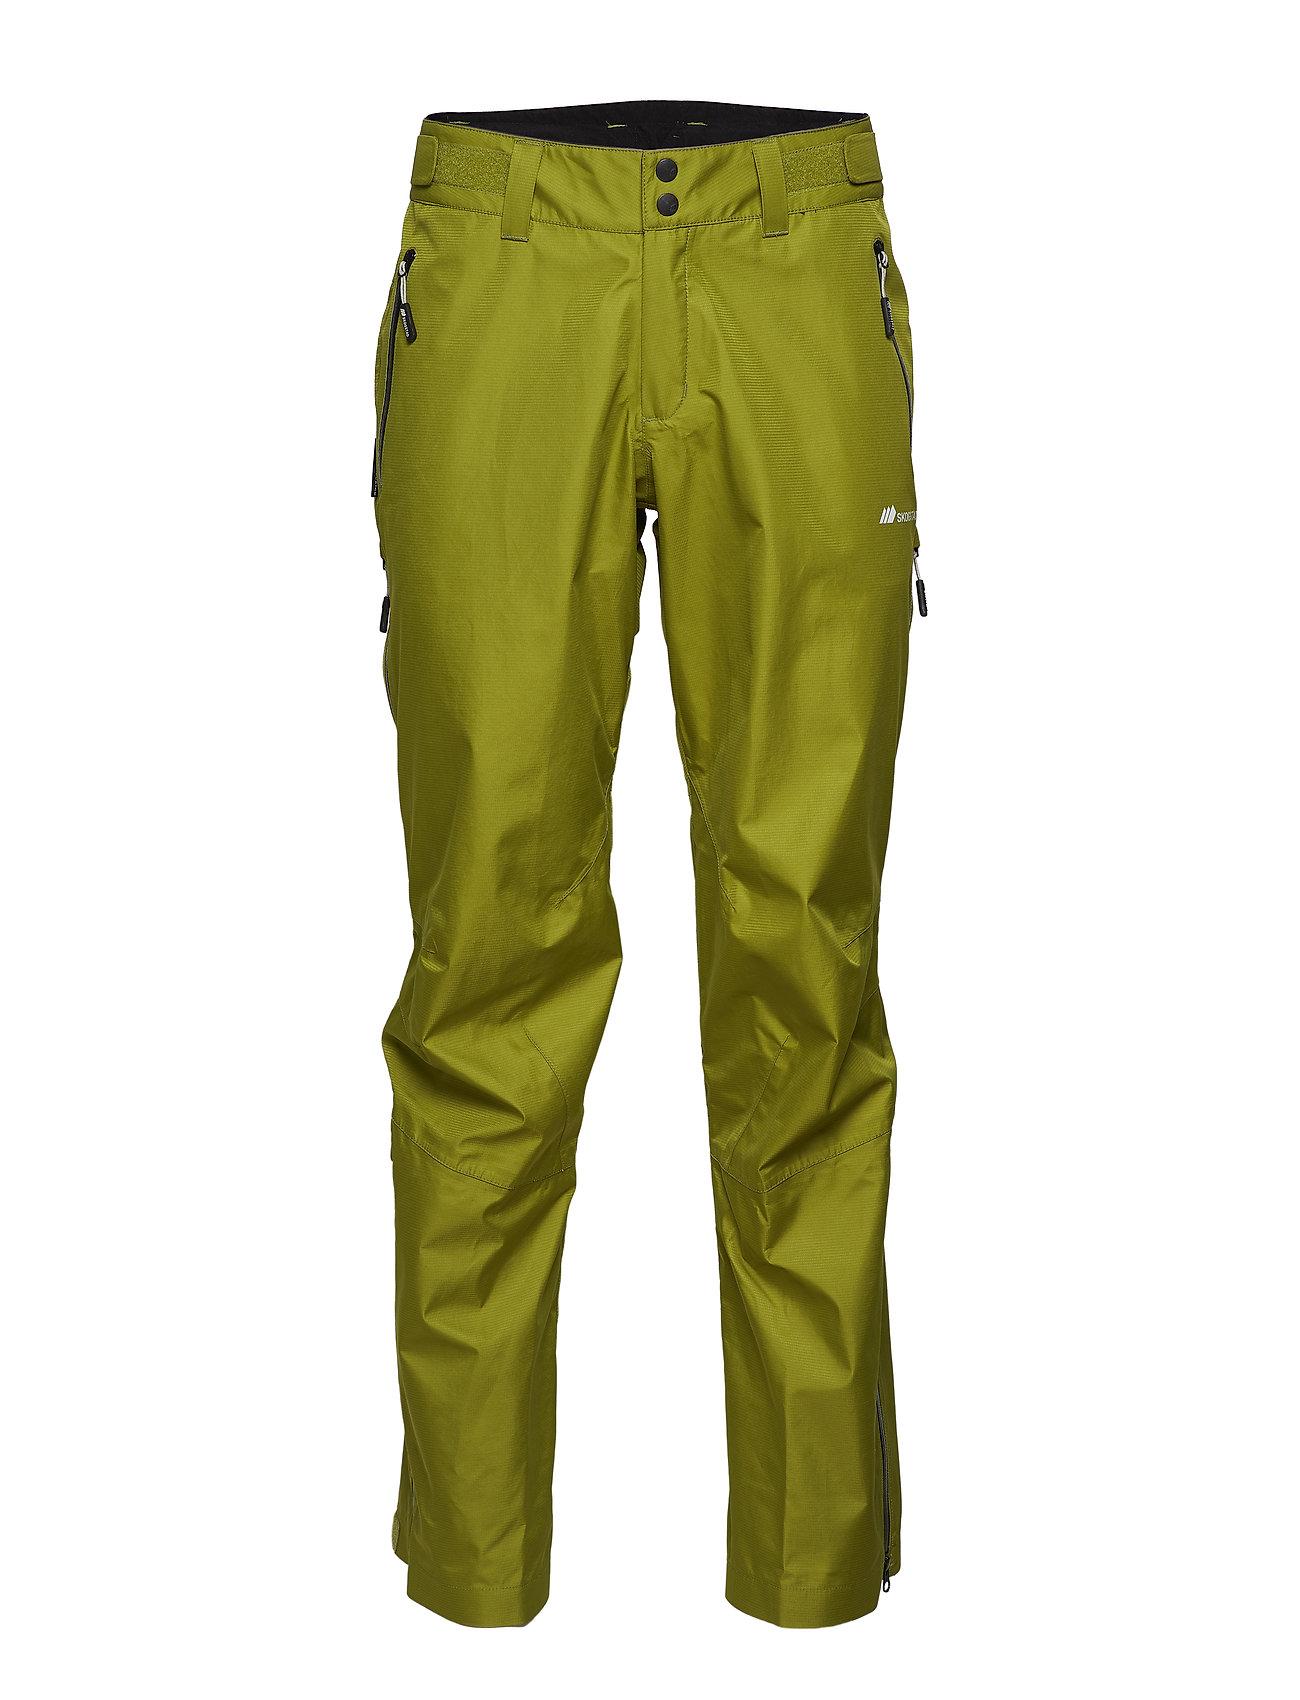 Skogstad Horgi 3-layer technical shell trouser - WOODBINE